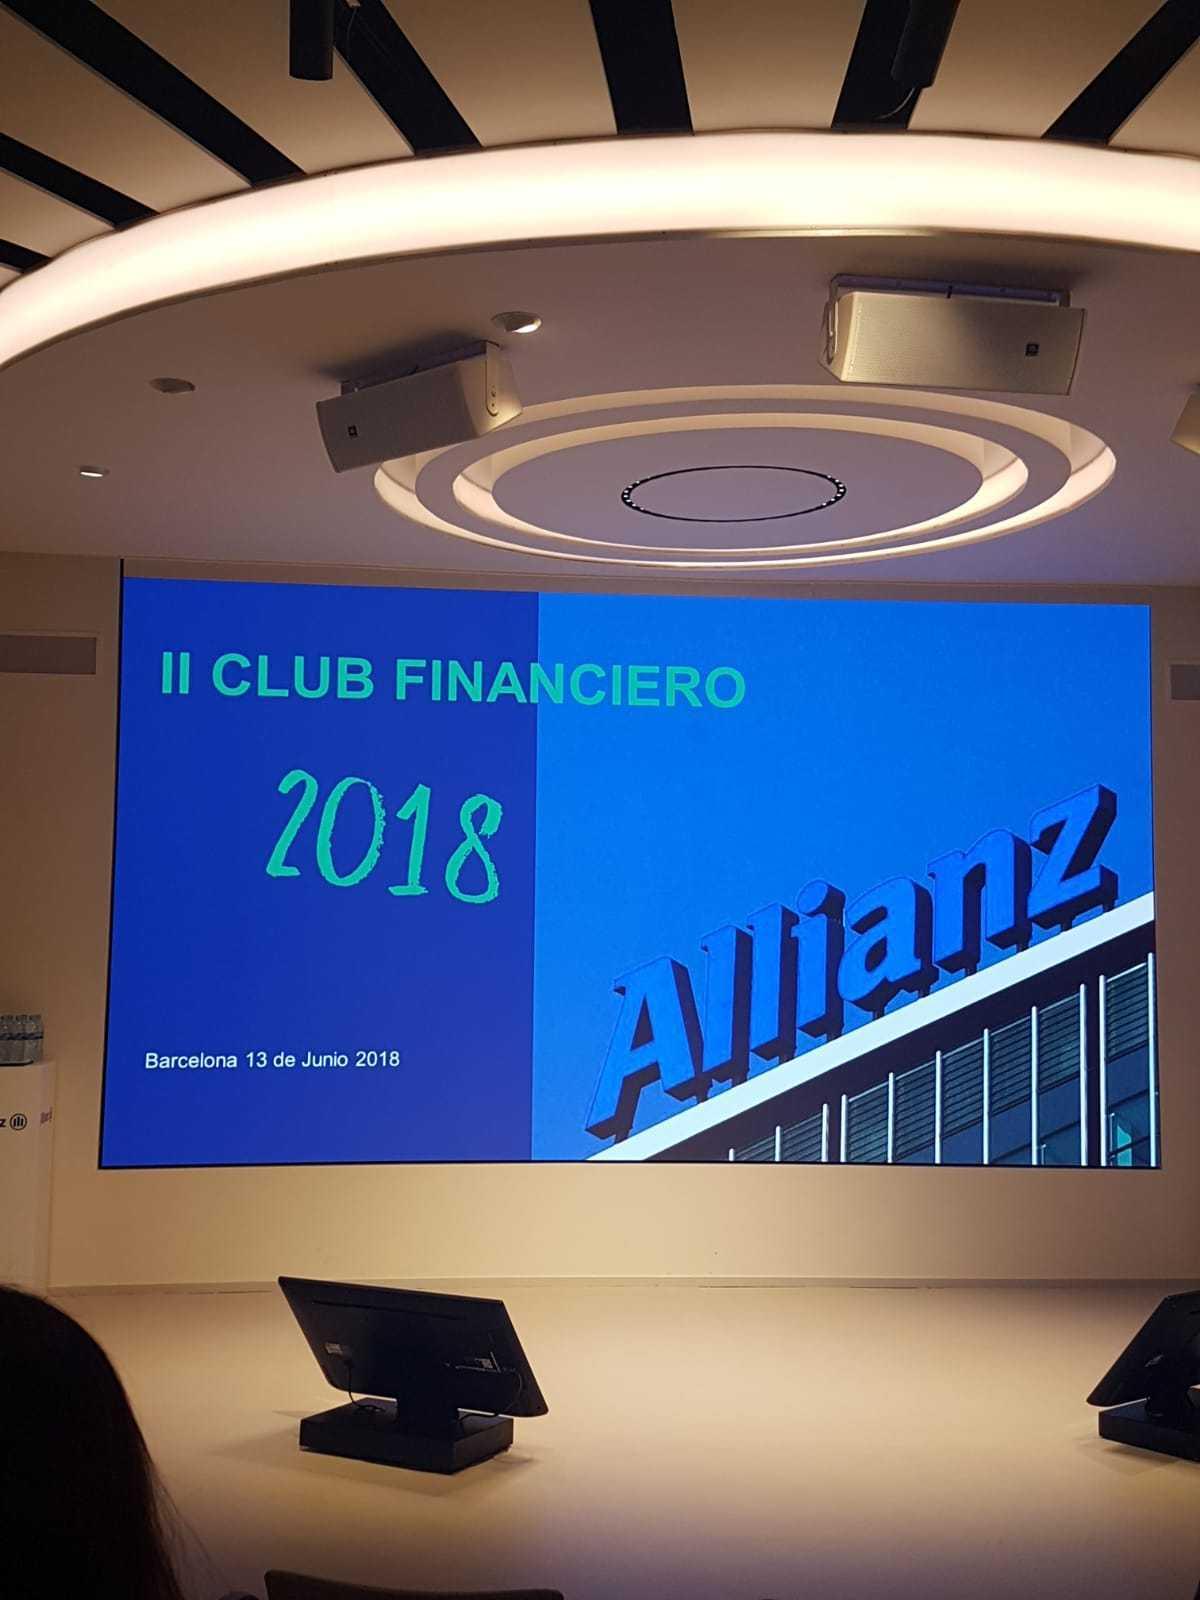 Club Financiero Allianz Masdeu Assegurances